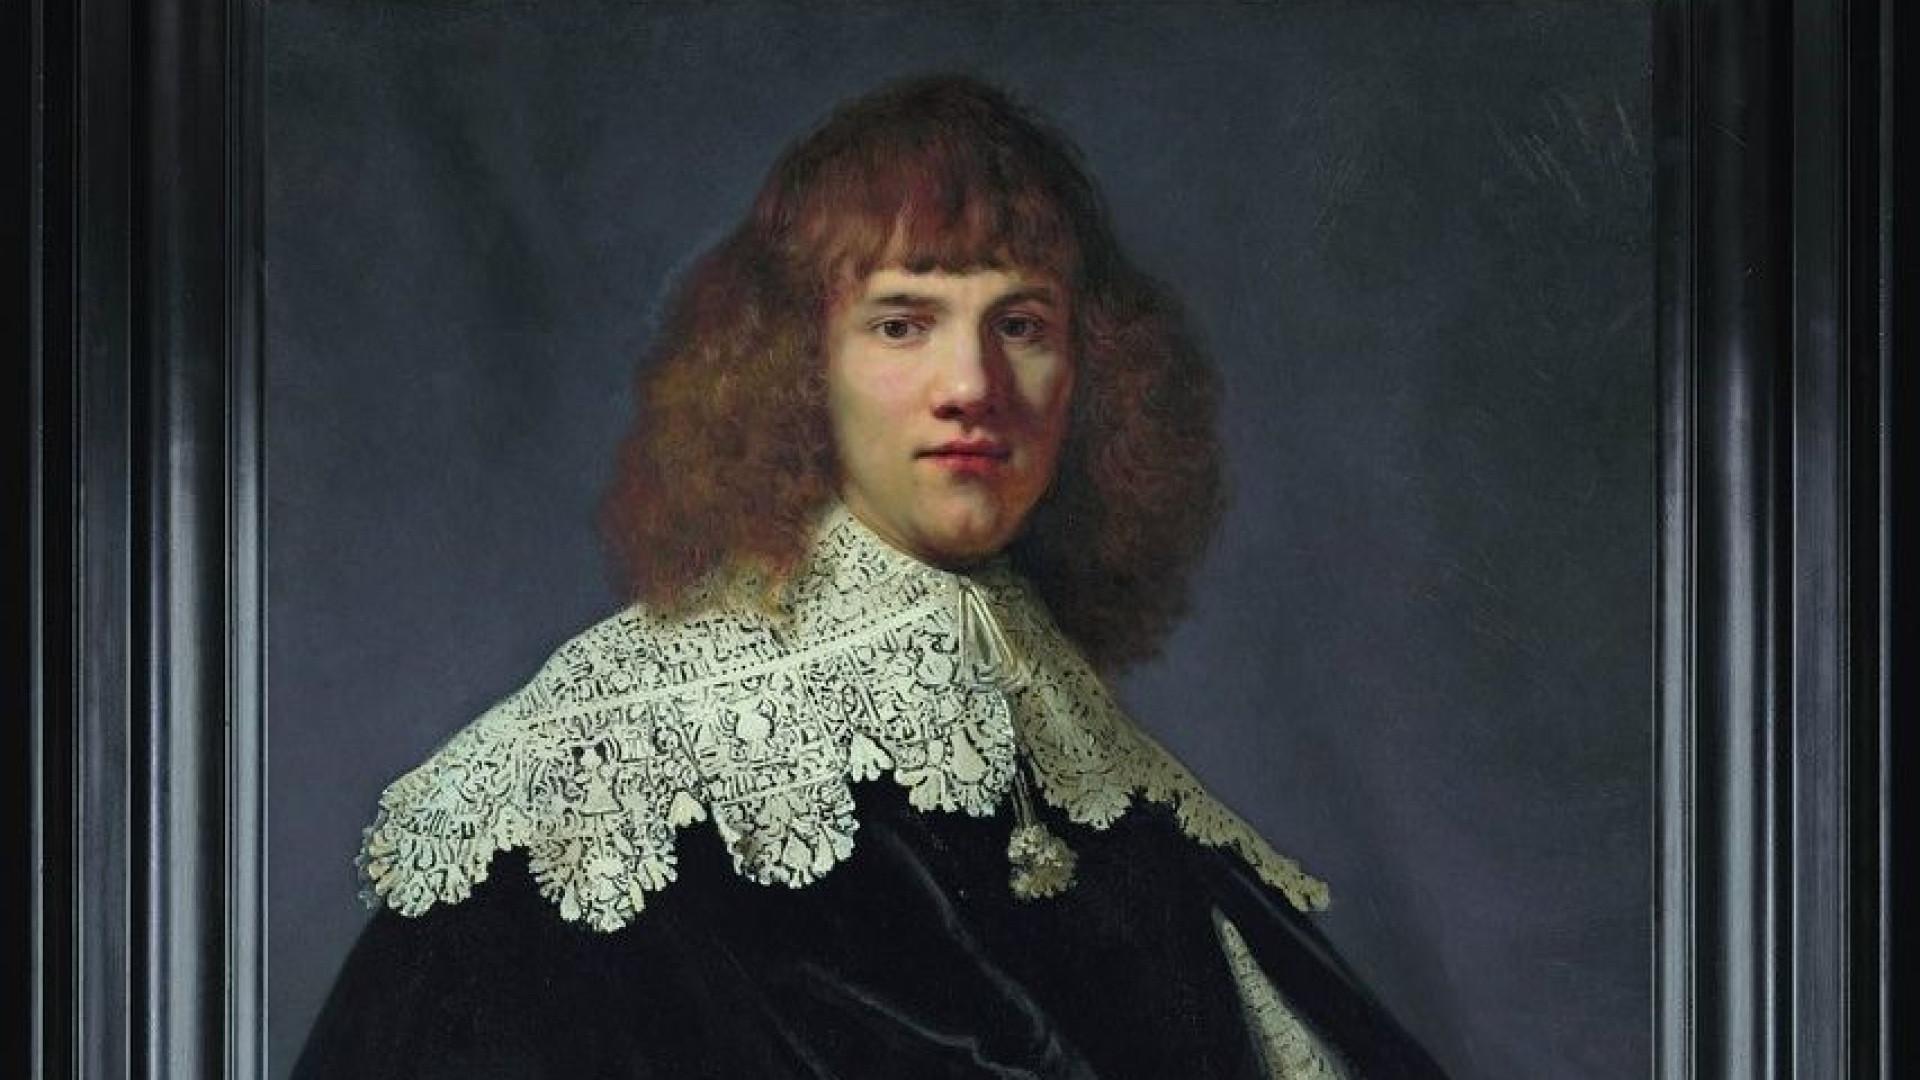 Negociador de arte descobre o primeiro Rembrandt 'novo' em 44 anos